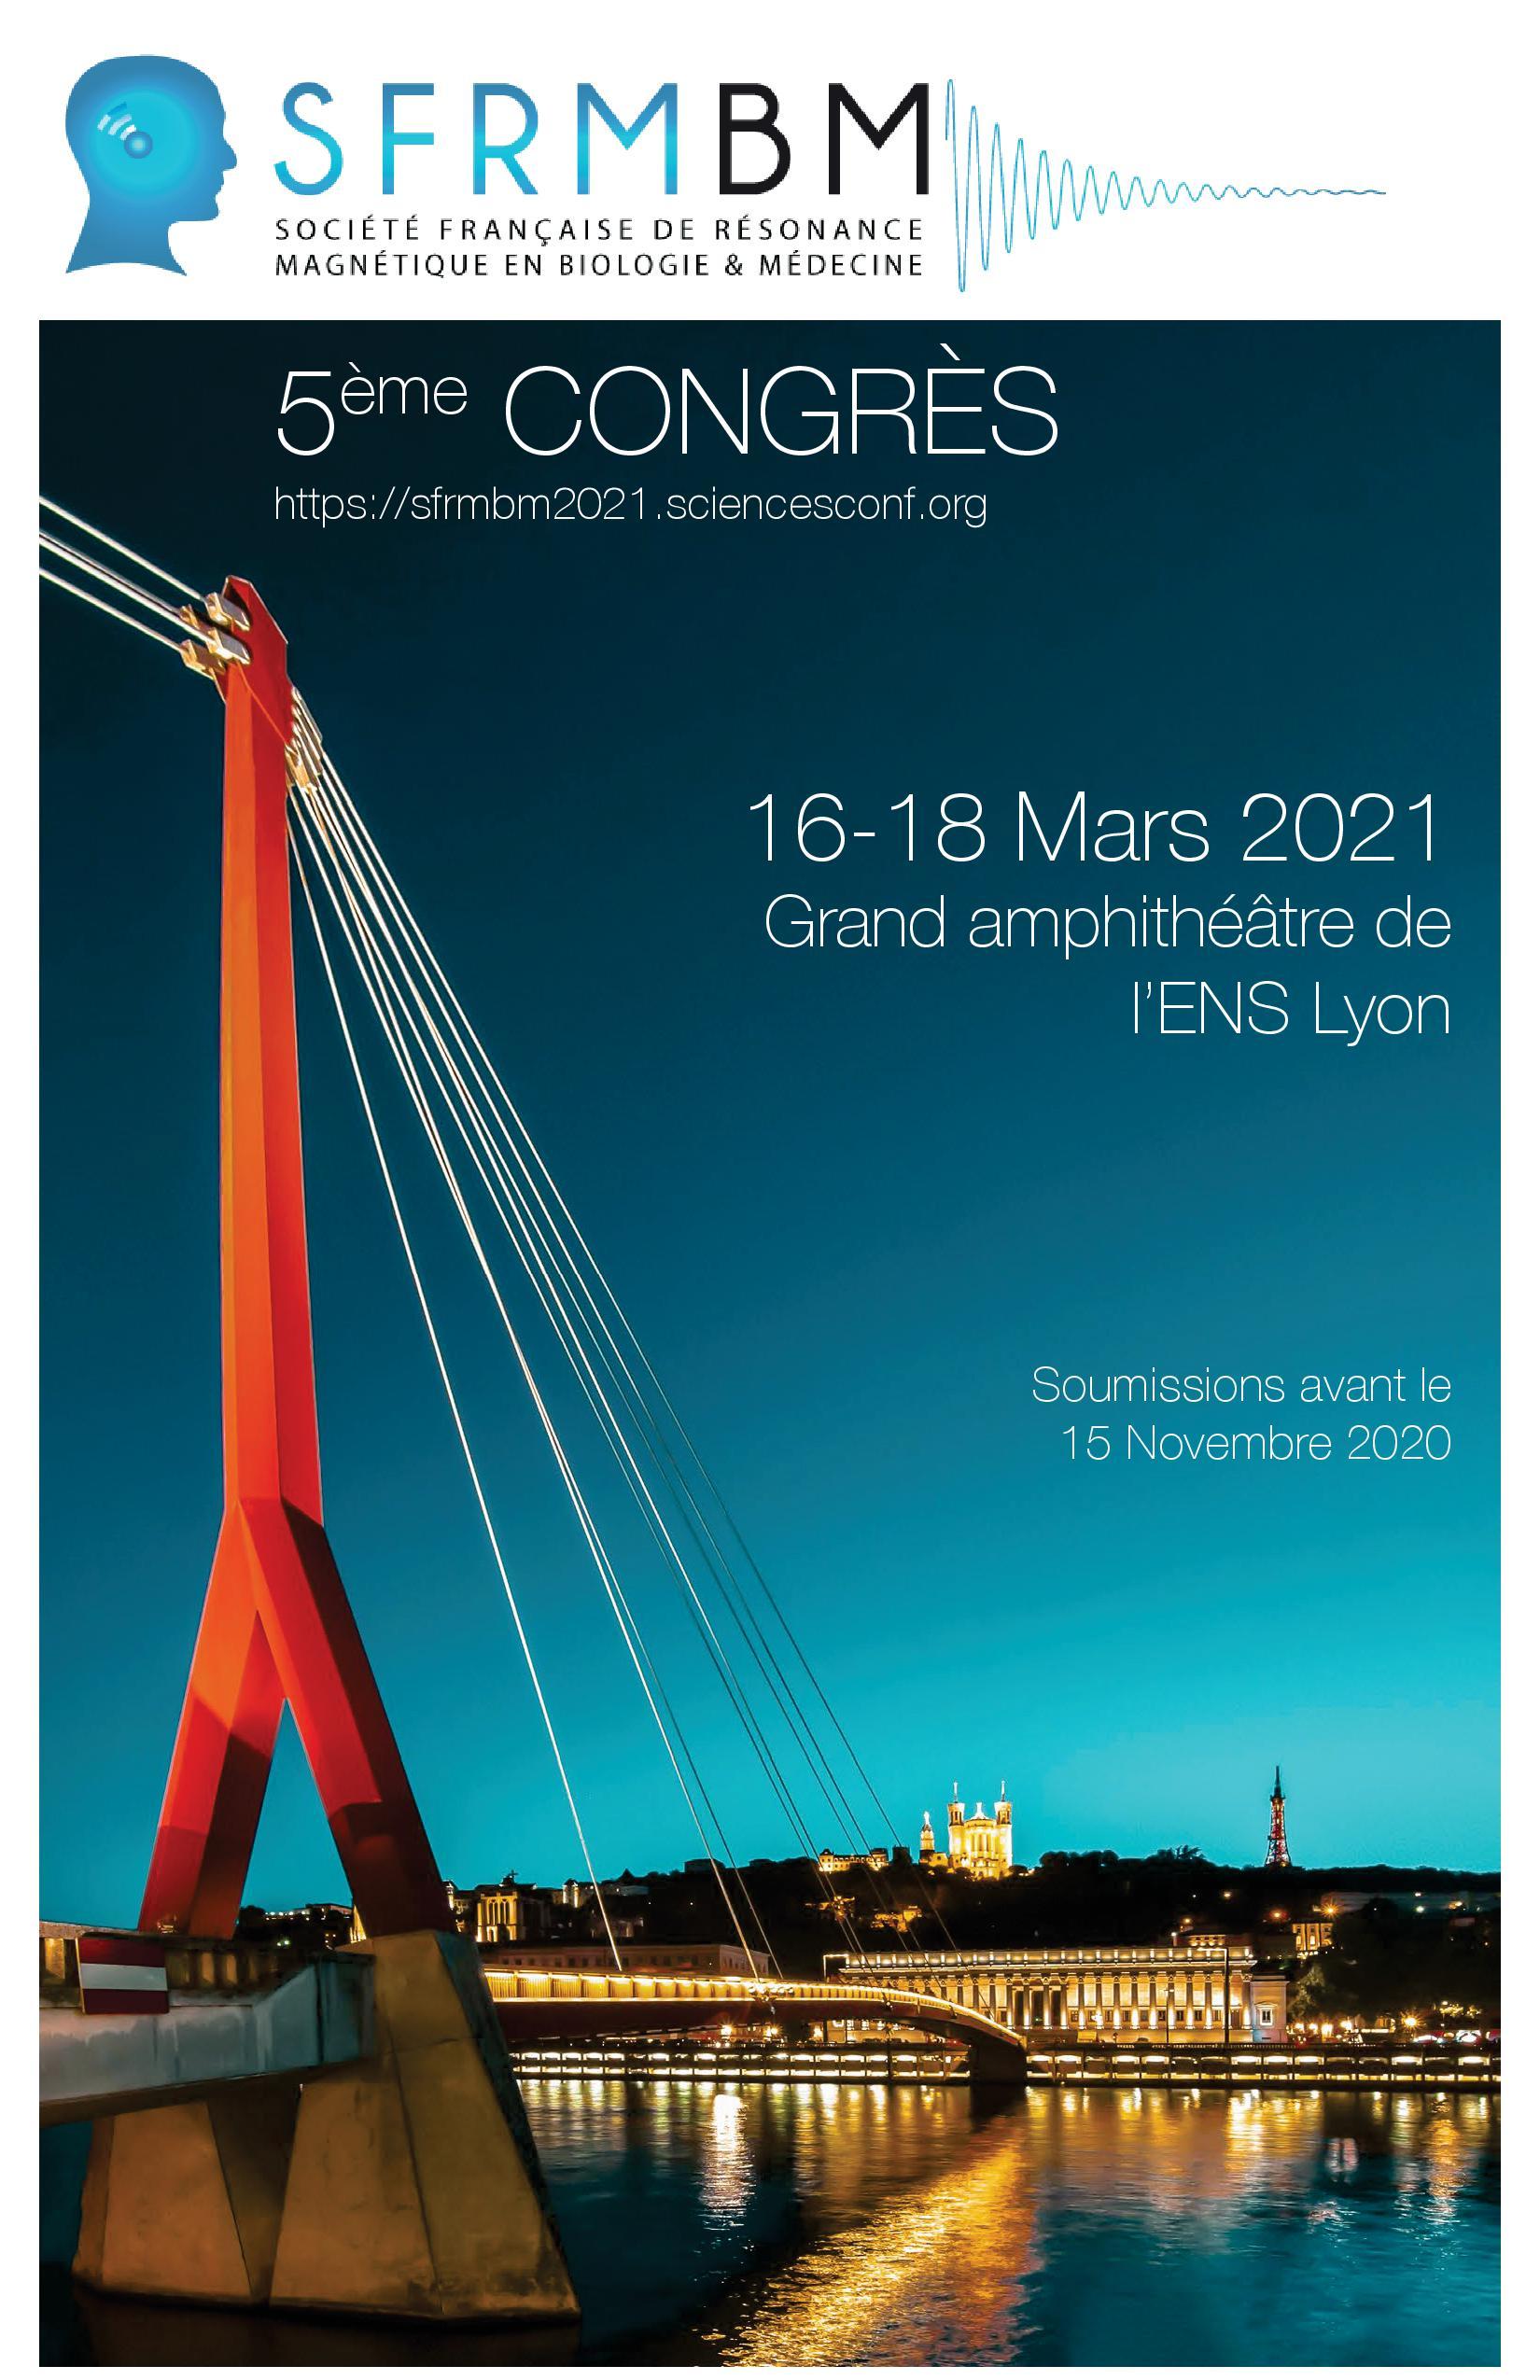 Congrès SFRMBM 2021